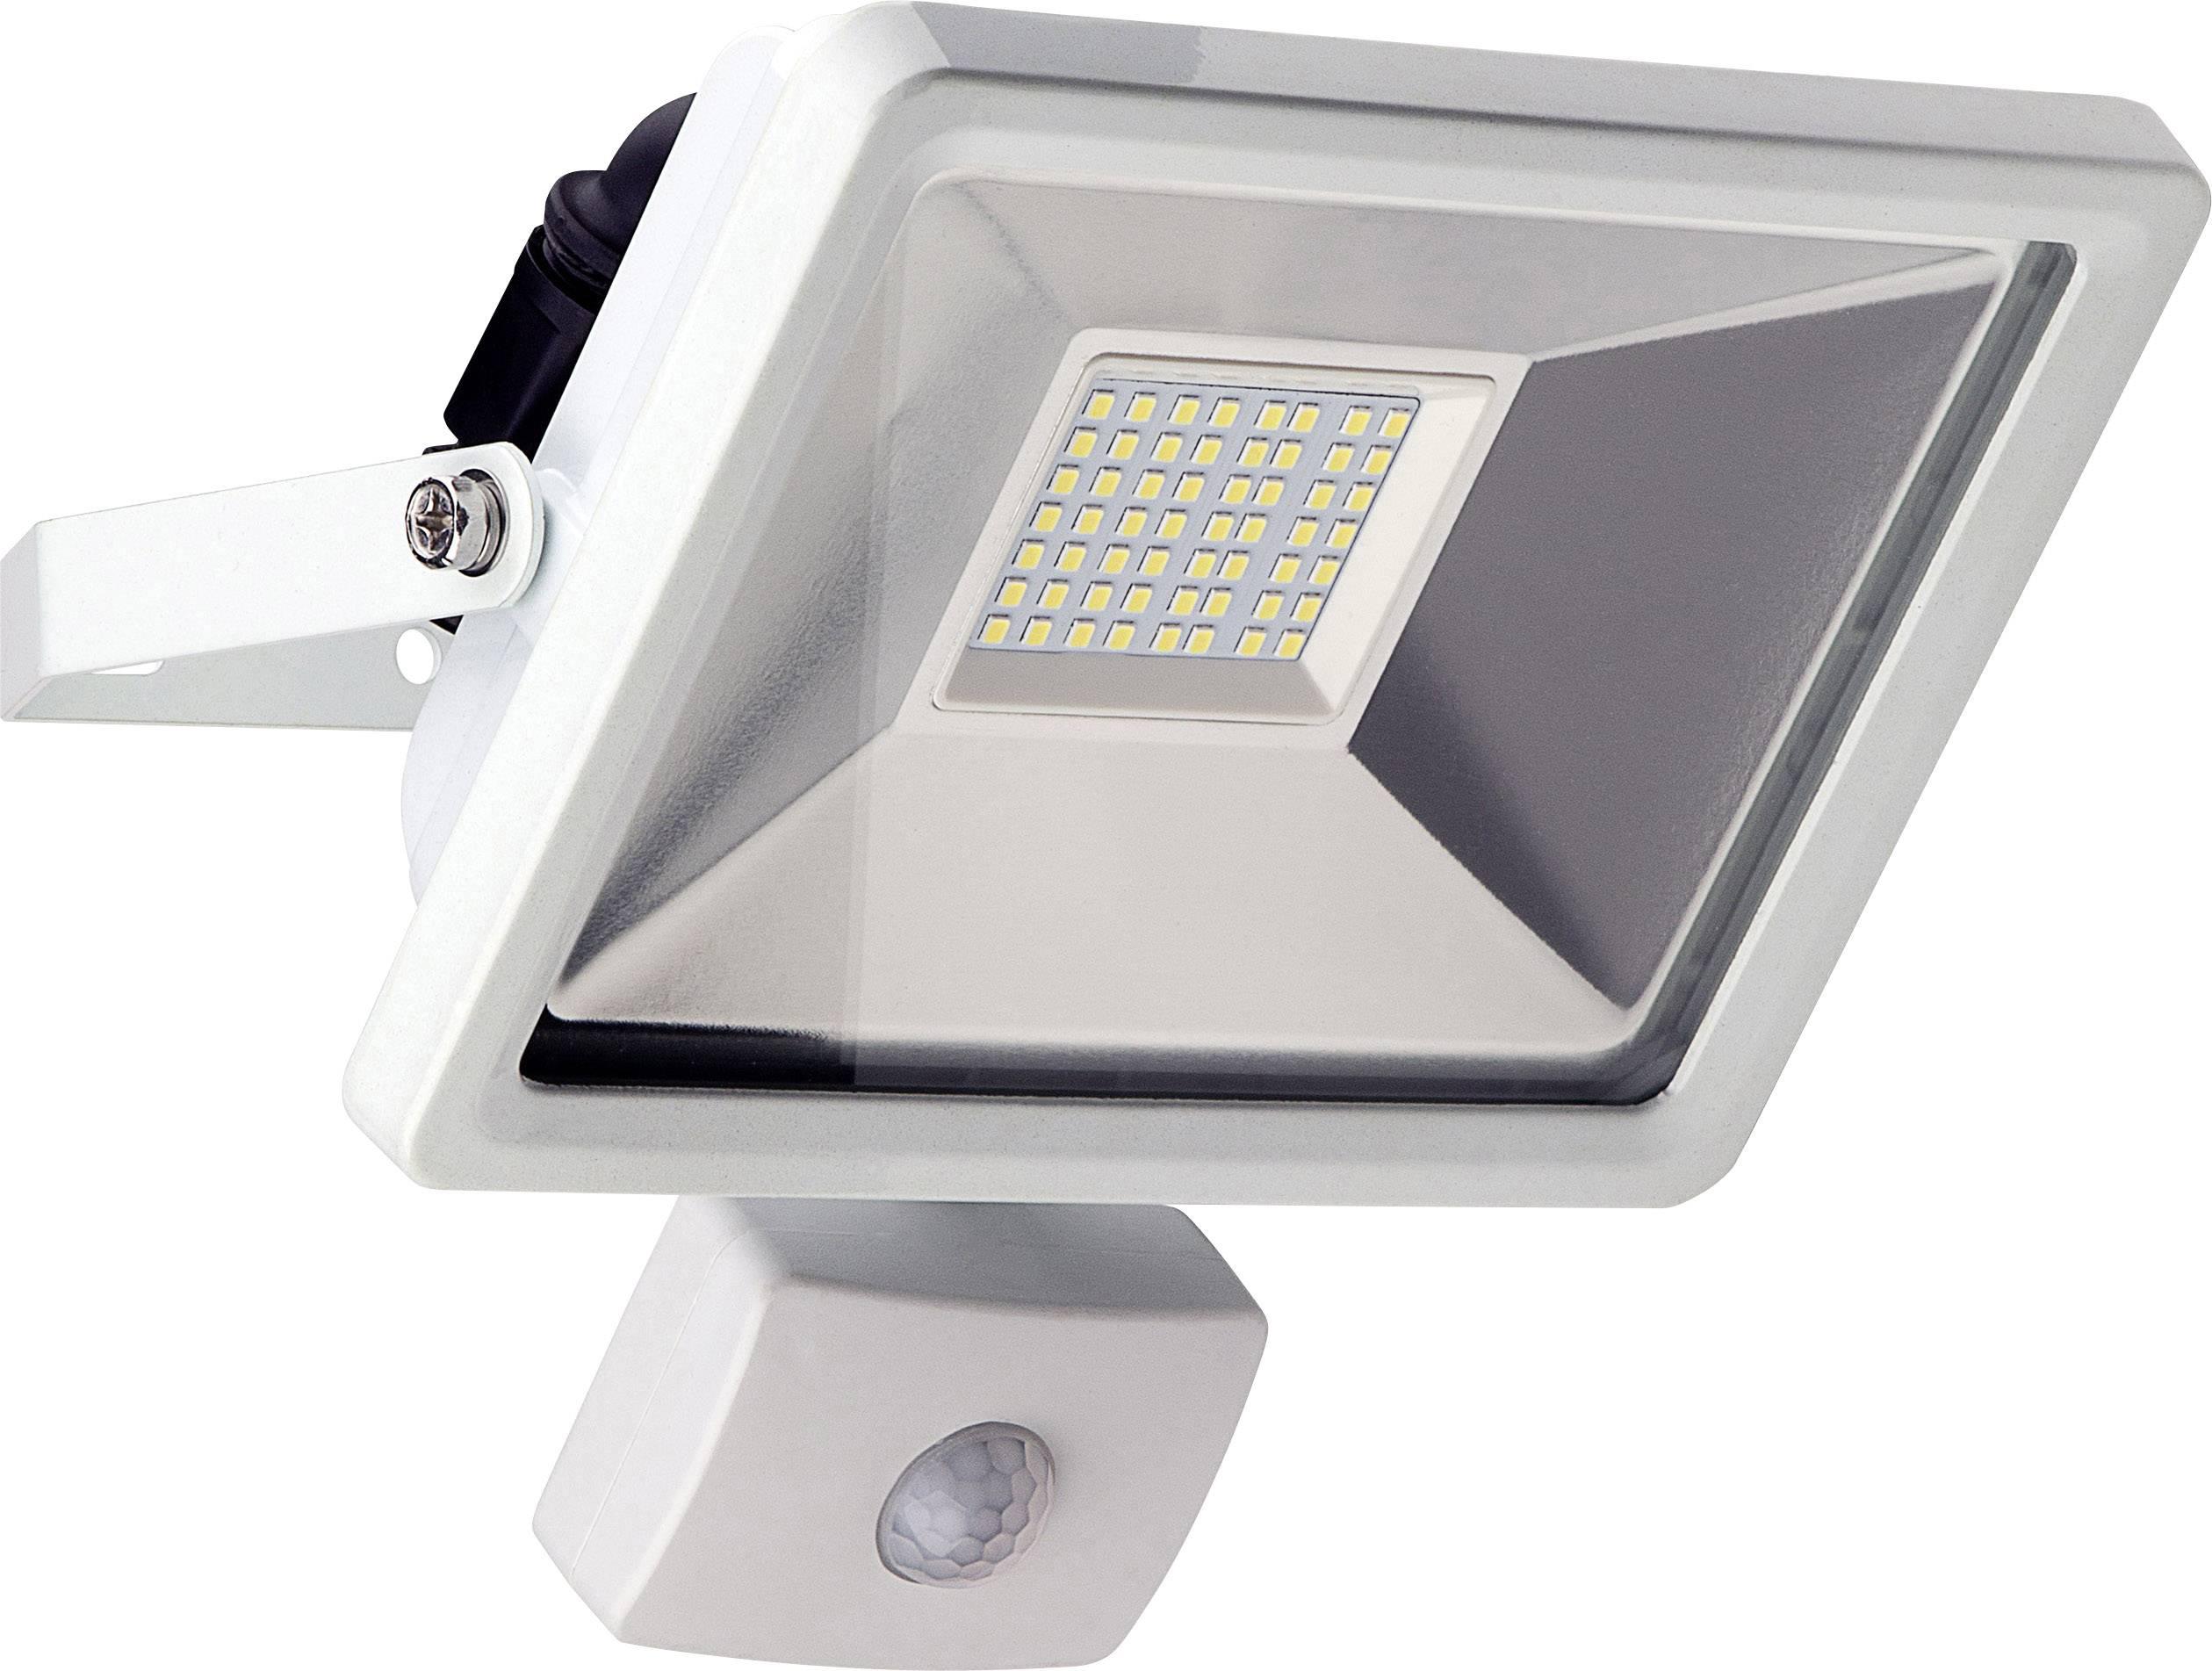 Plafoniere A Led Con Sensore Di Presenza : Plafoniera per esterno con rilevatore di presenza lampada a